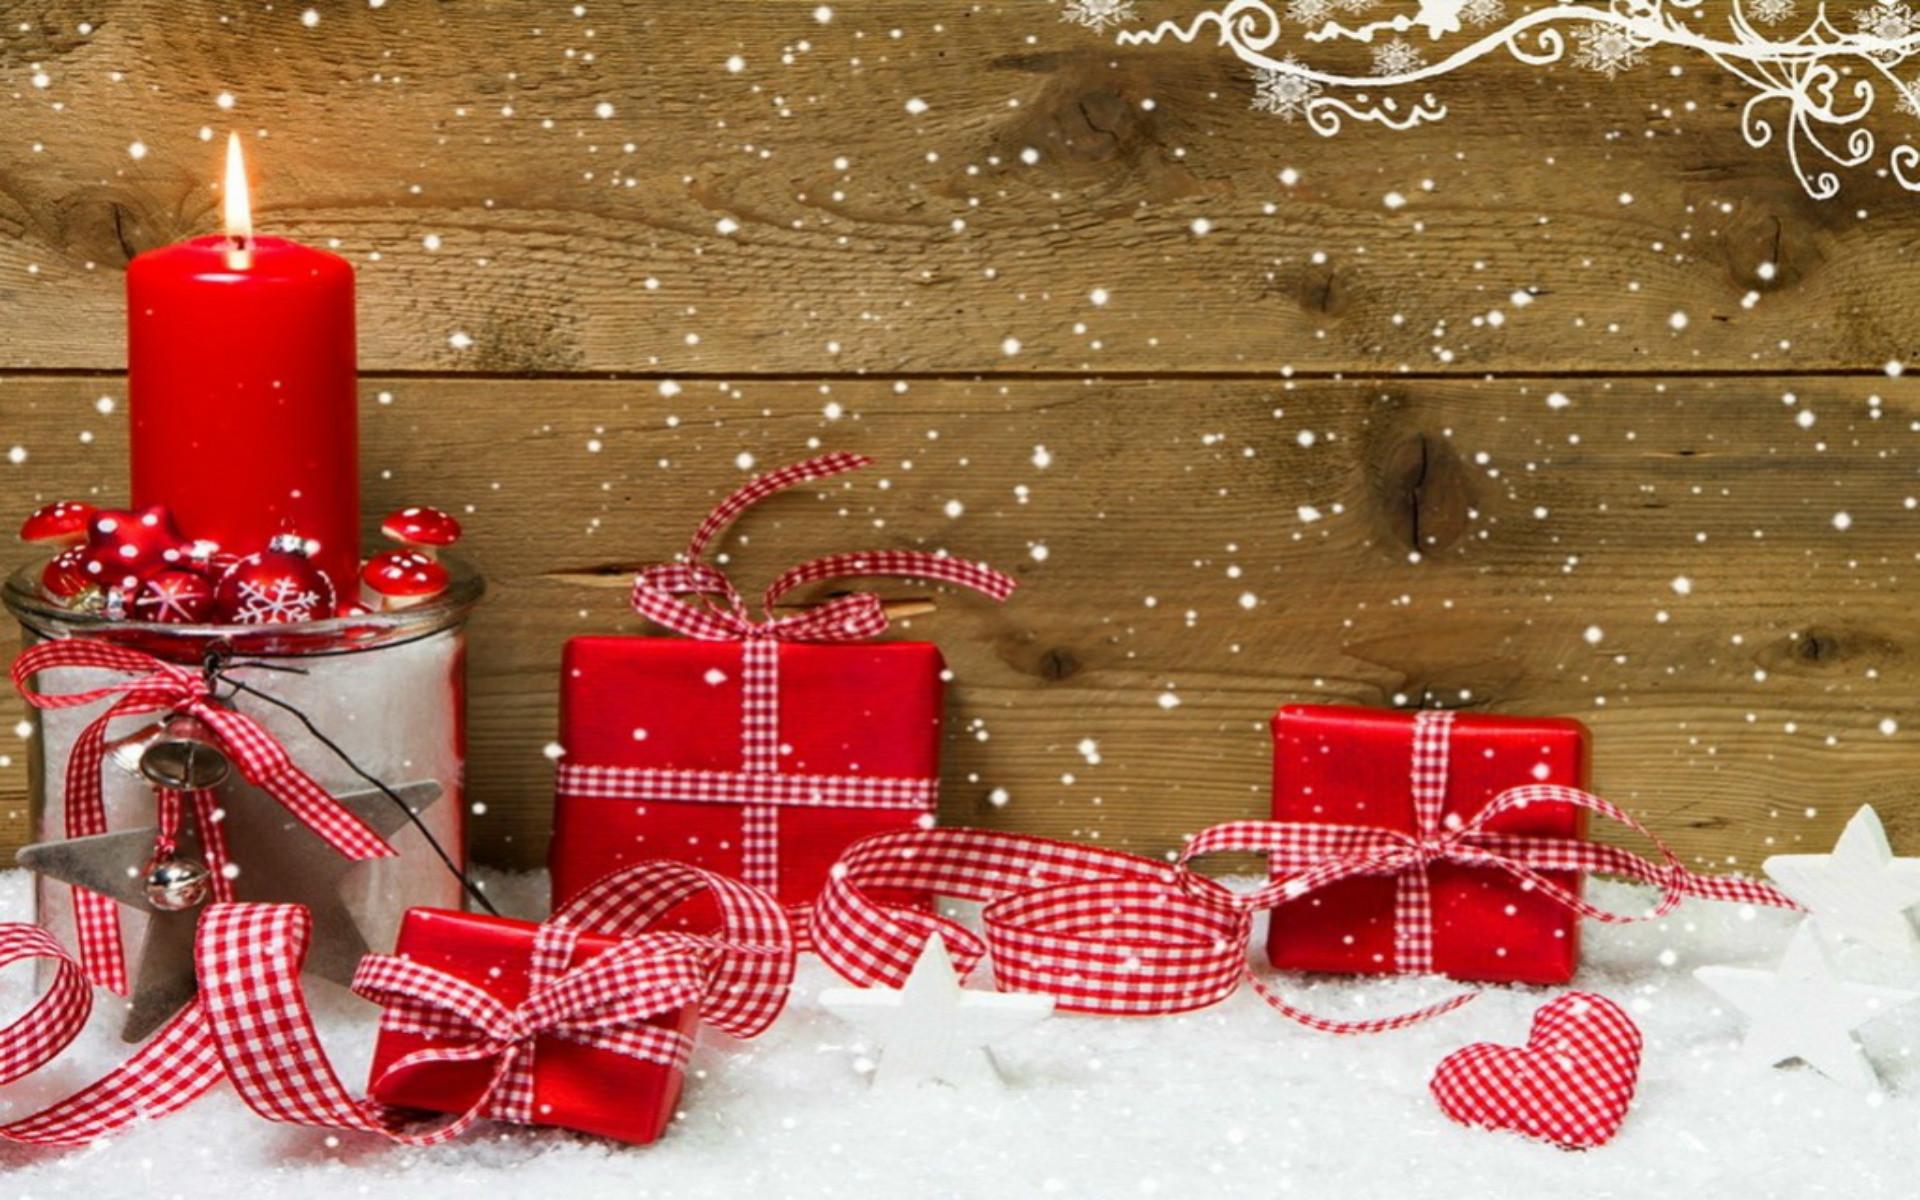 Christmas Desktop Background (60+ Images